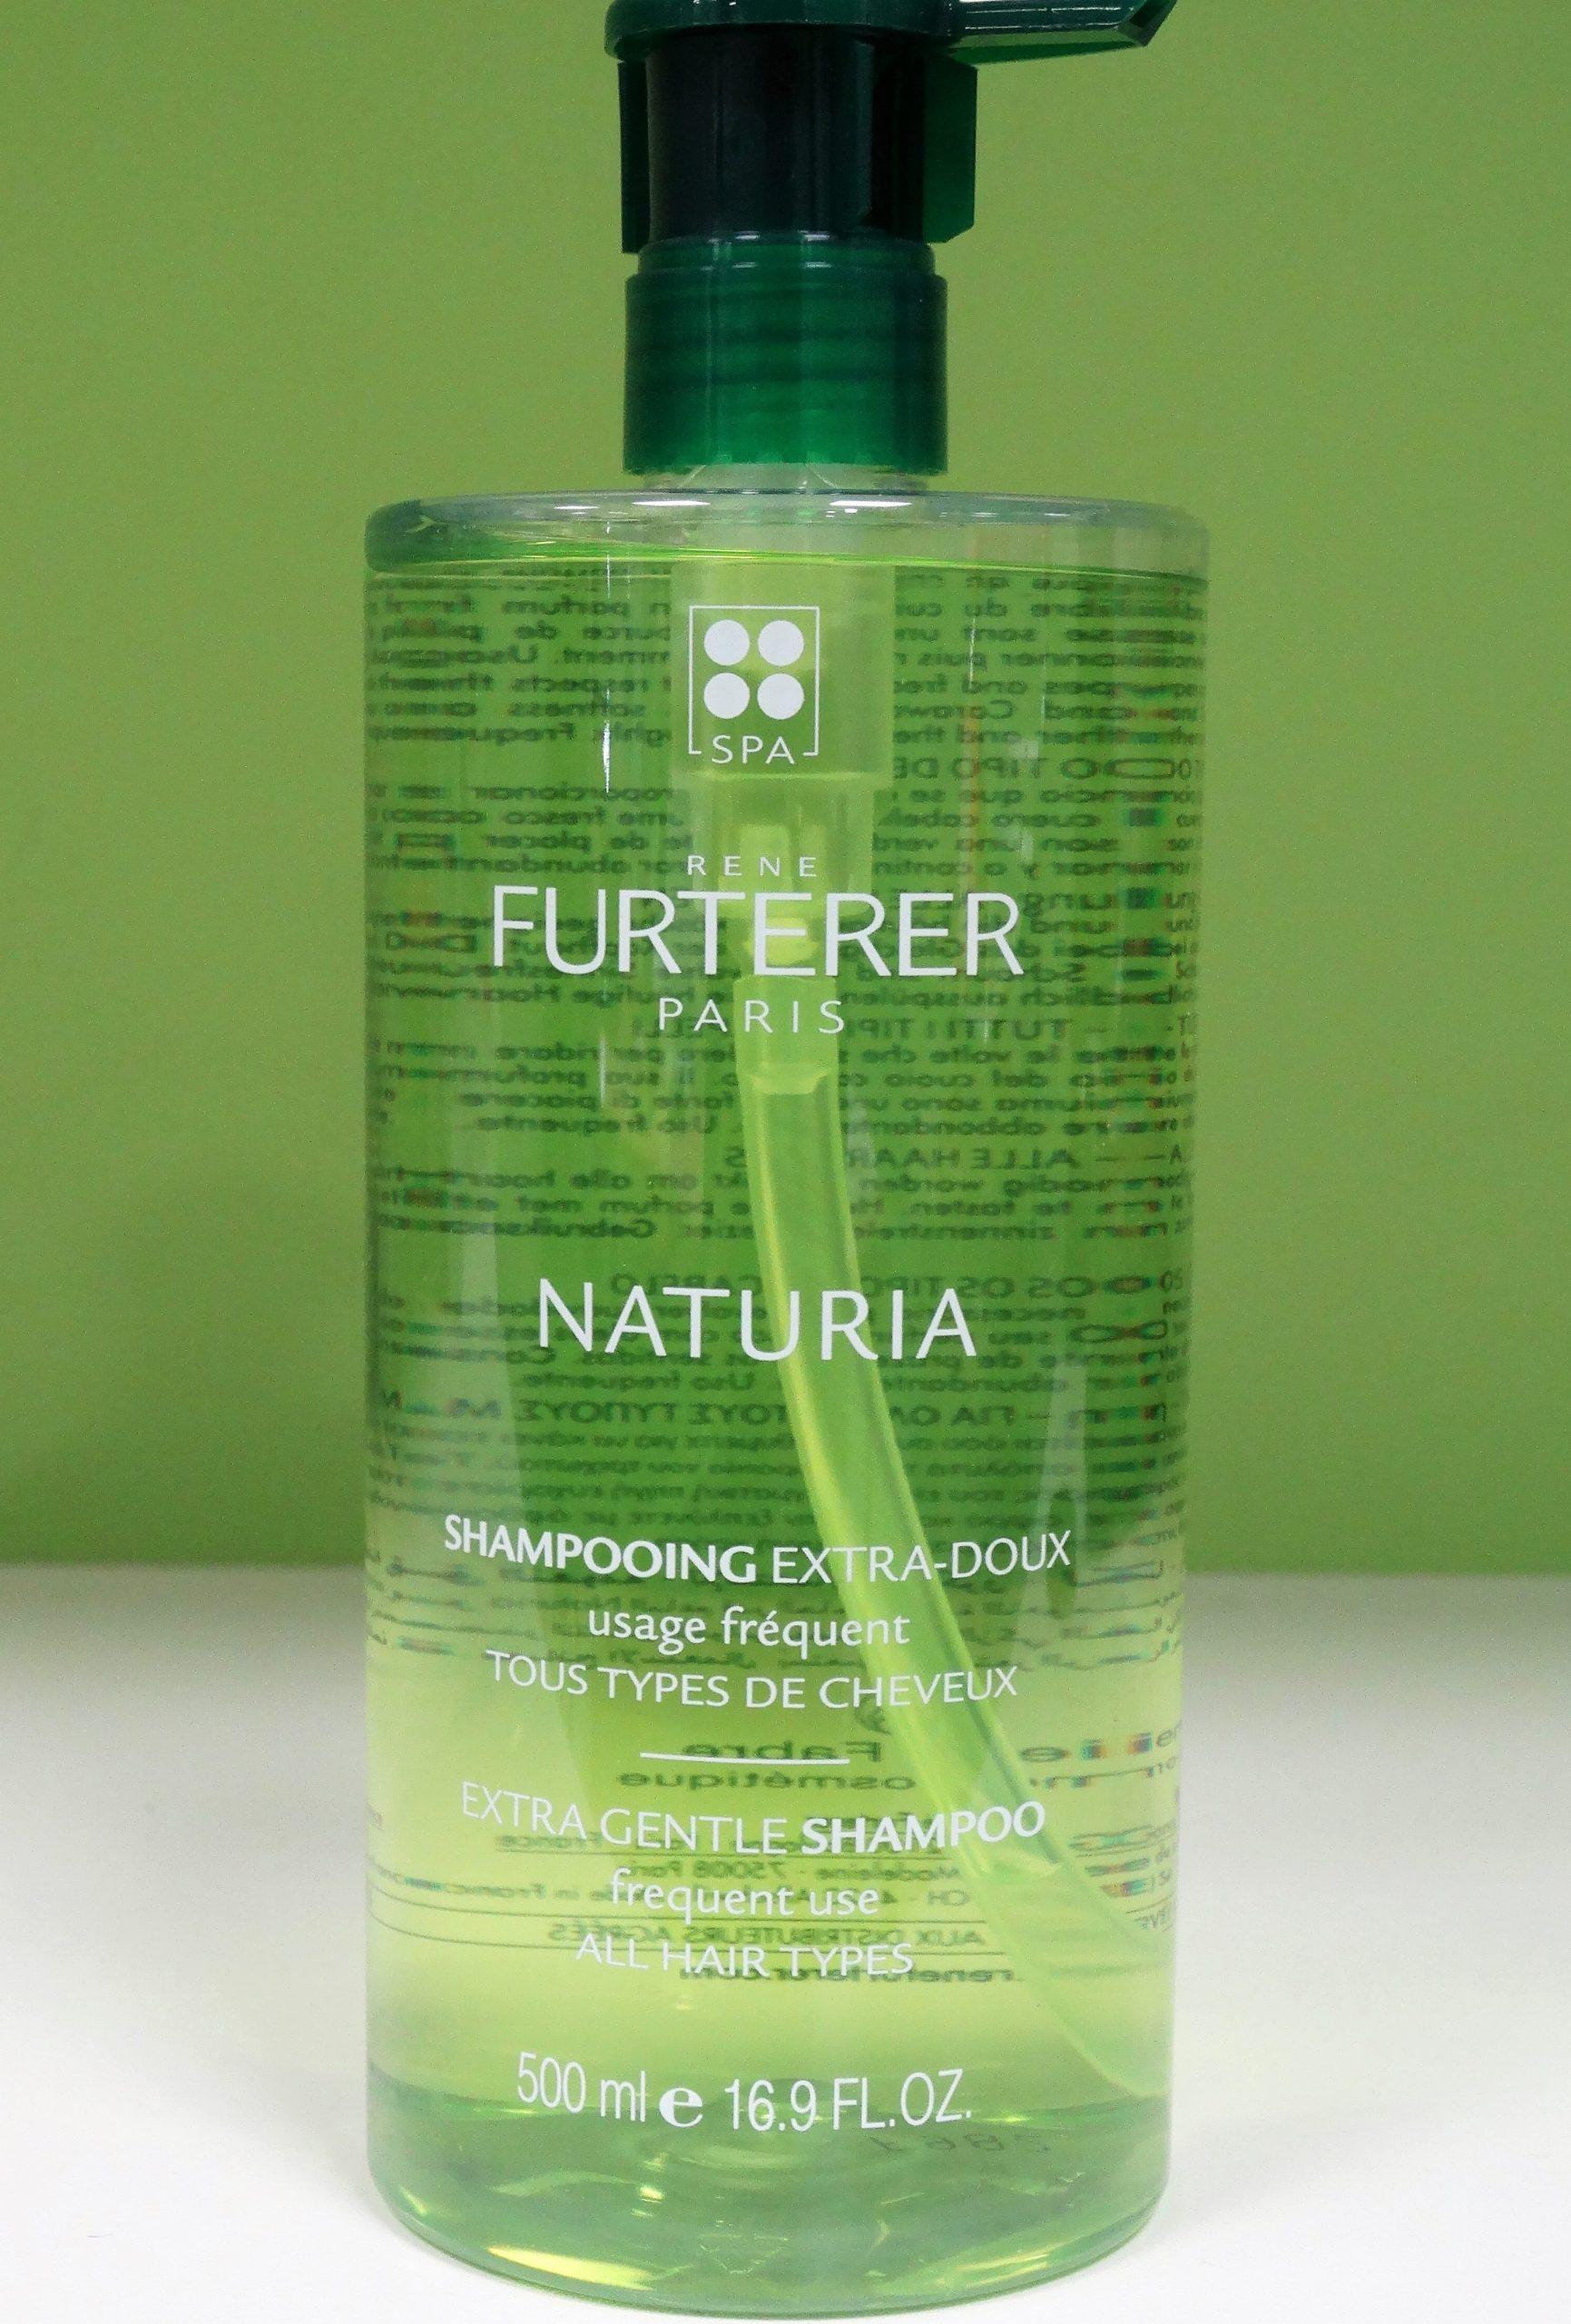 Descubre los productos de Rene Furterer disponibles en Gran Farmacia Andorra Online. Amplia gama de tratamientos Rene furterer naturia champú uso frecuente 500ml